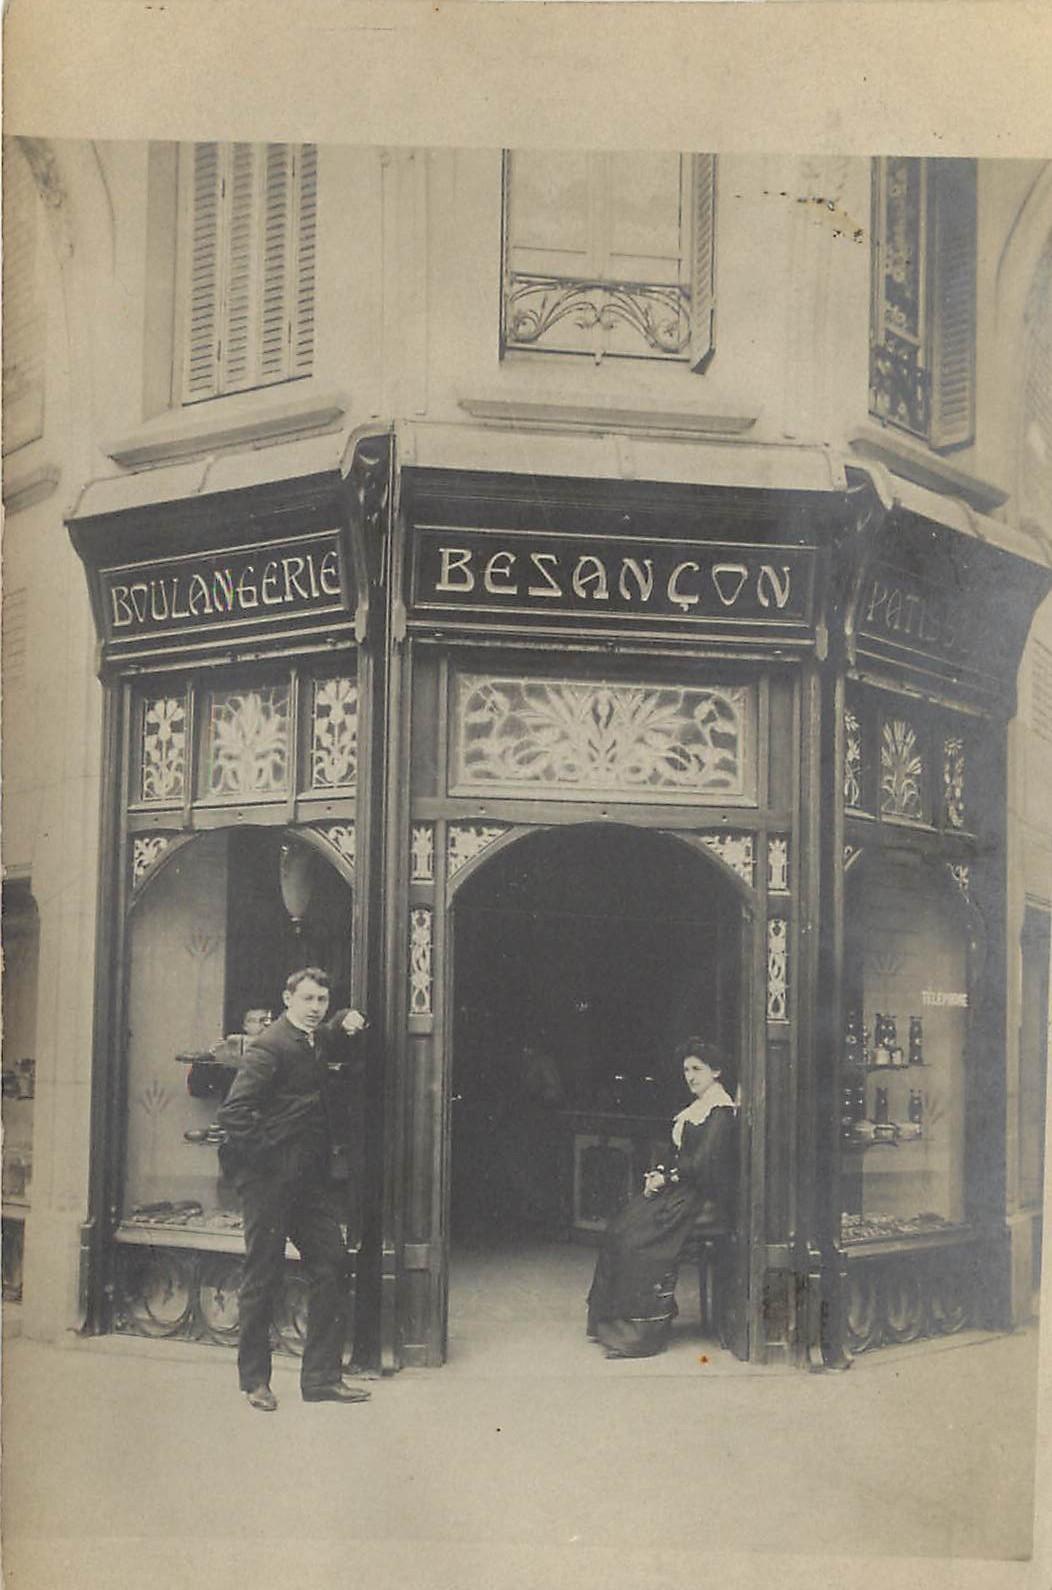 PARIS XVI. Boulangerie Besançon angle Rue Spontini et Général Appert